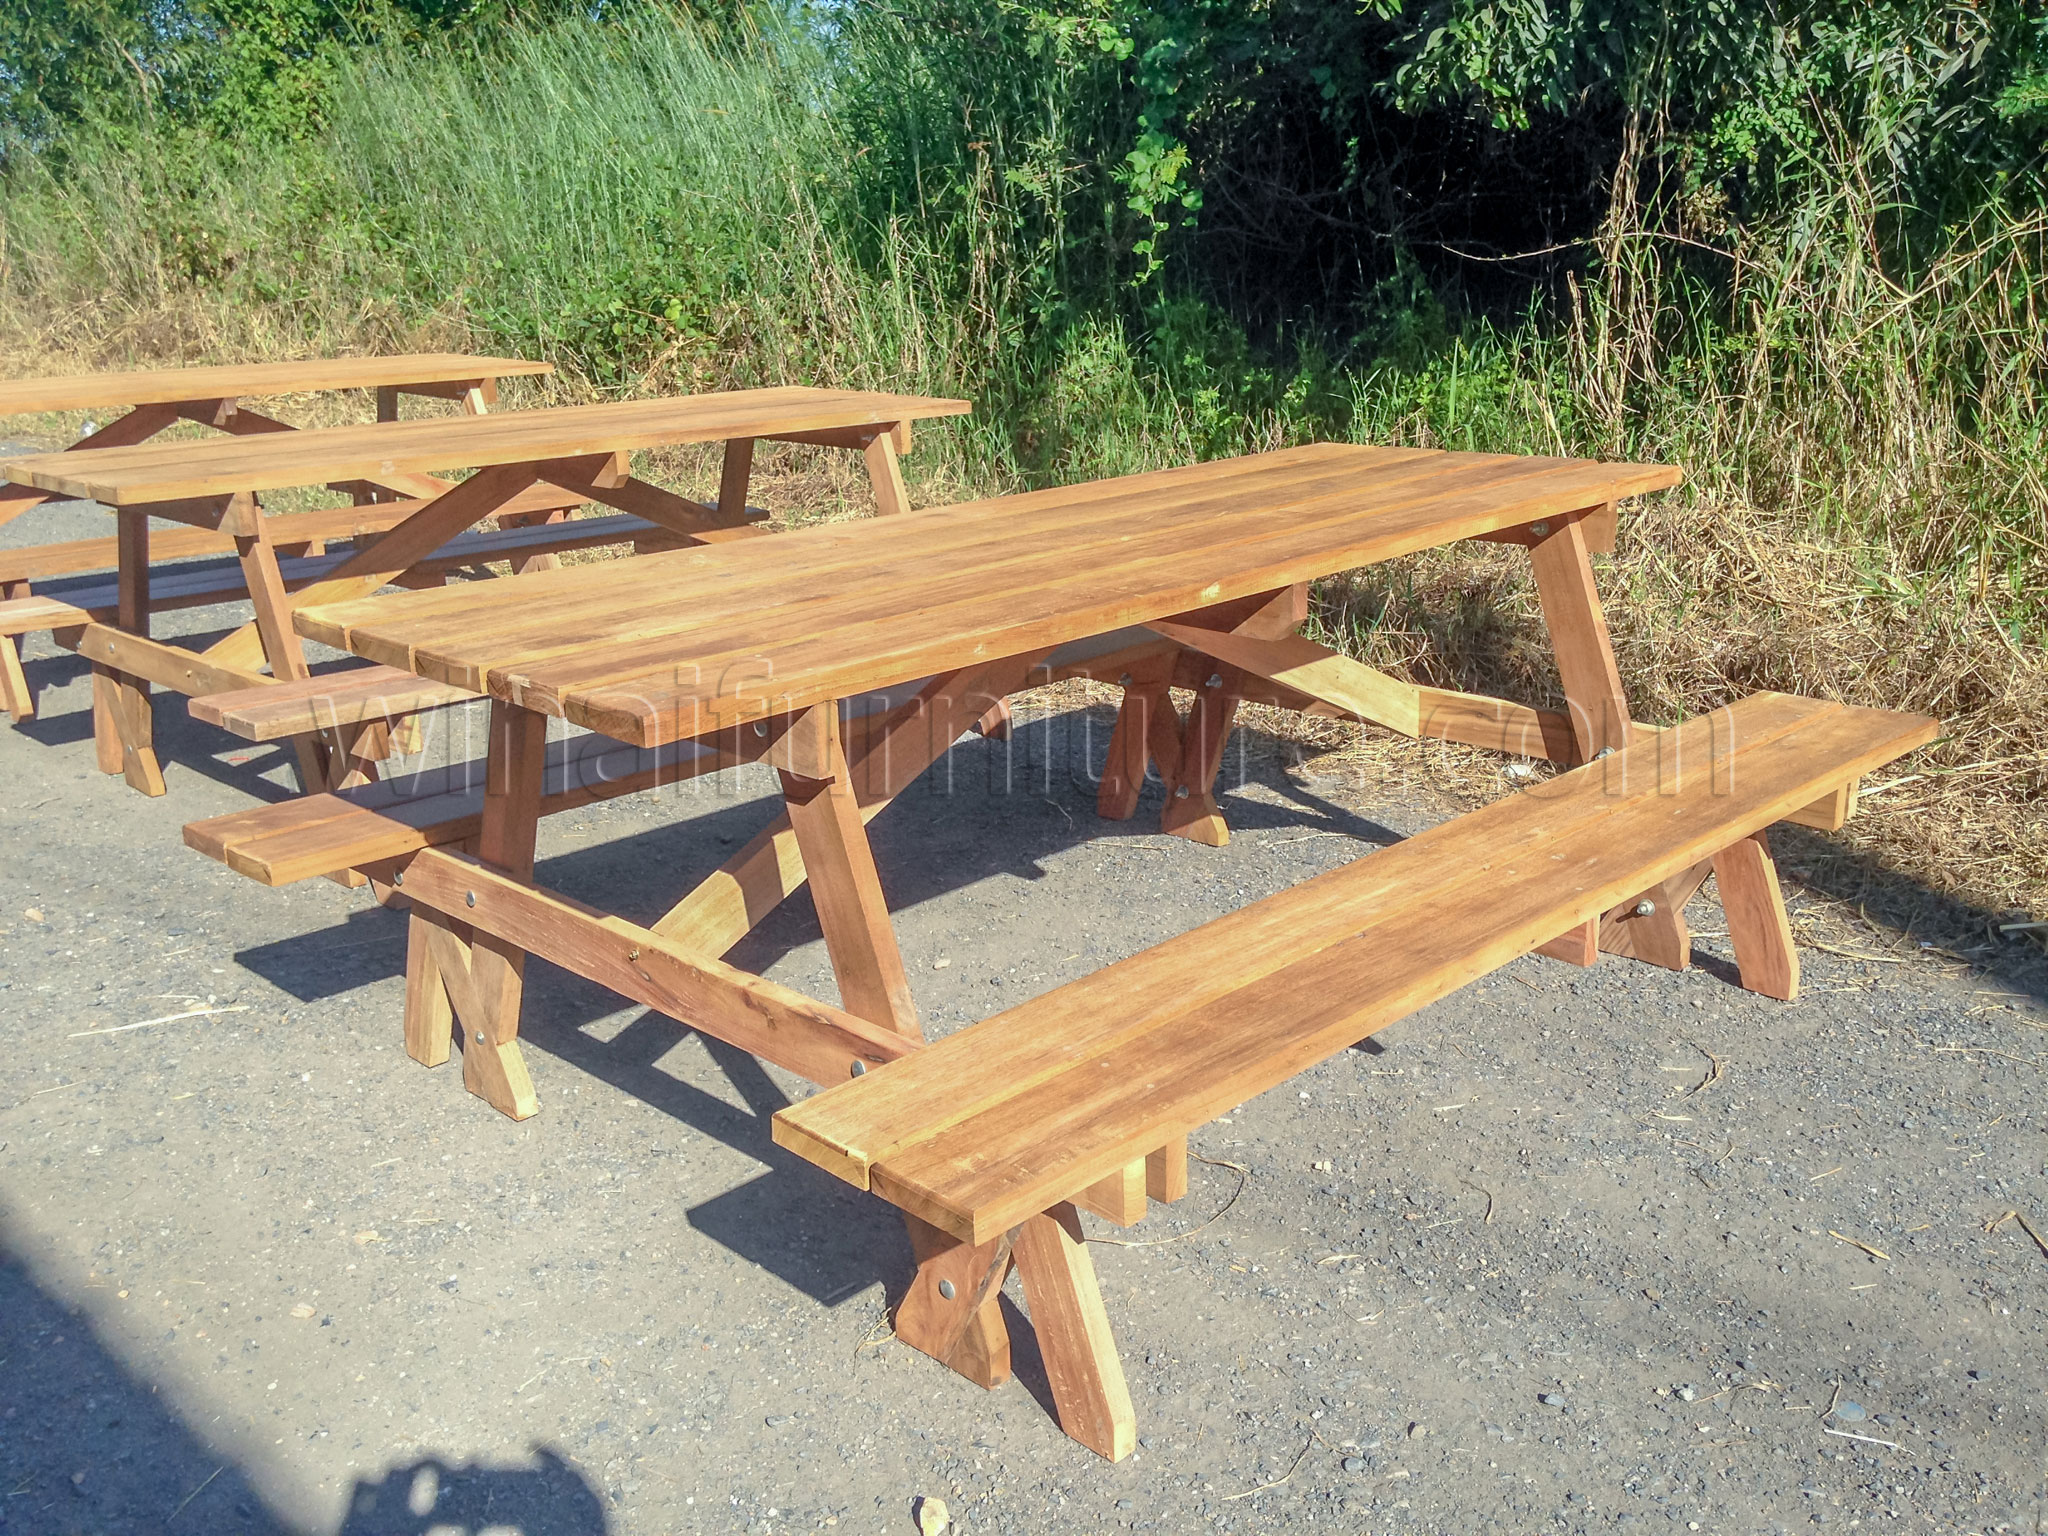 โต๊ะสนามขาไขว้,เก้าอี้สนามขาไขว้,โต๊ะโรงอาหารขาไขว้